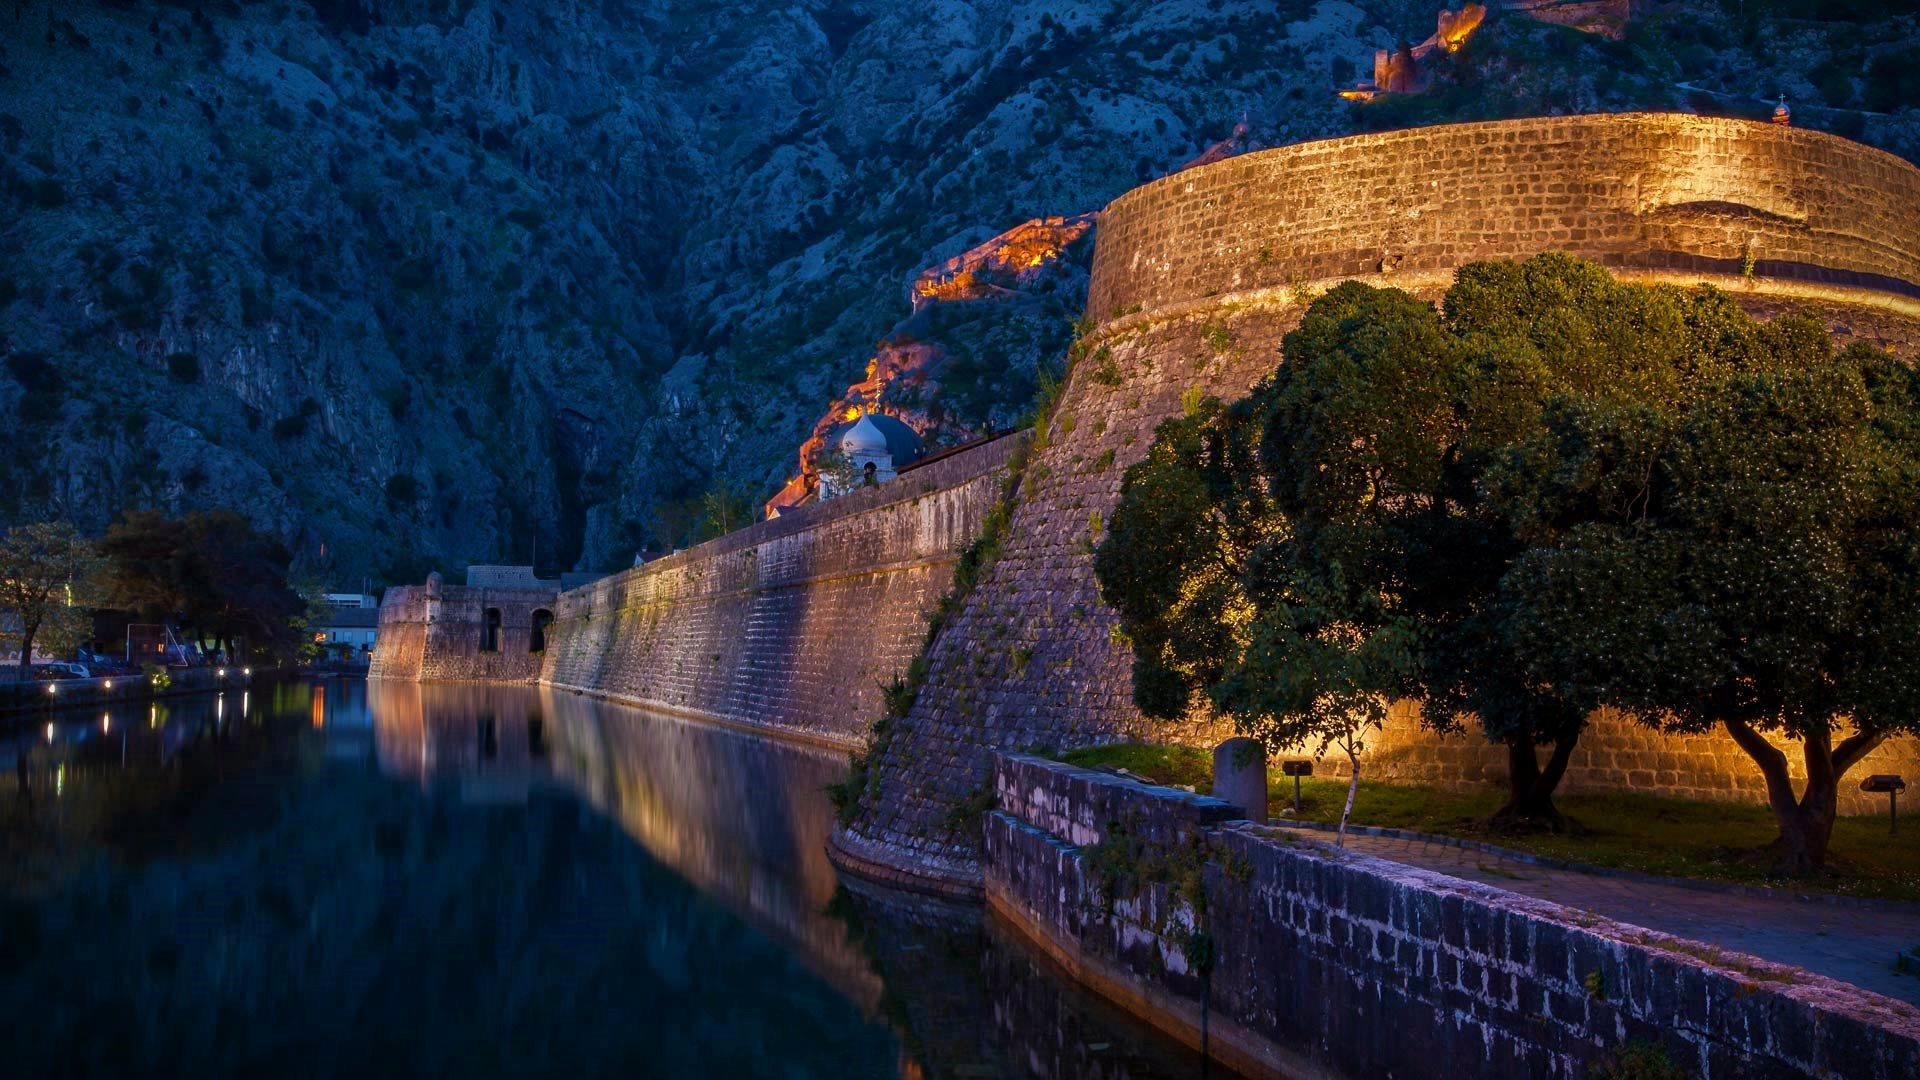 Venetian Fortification